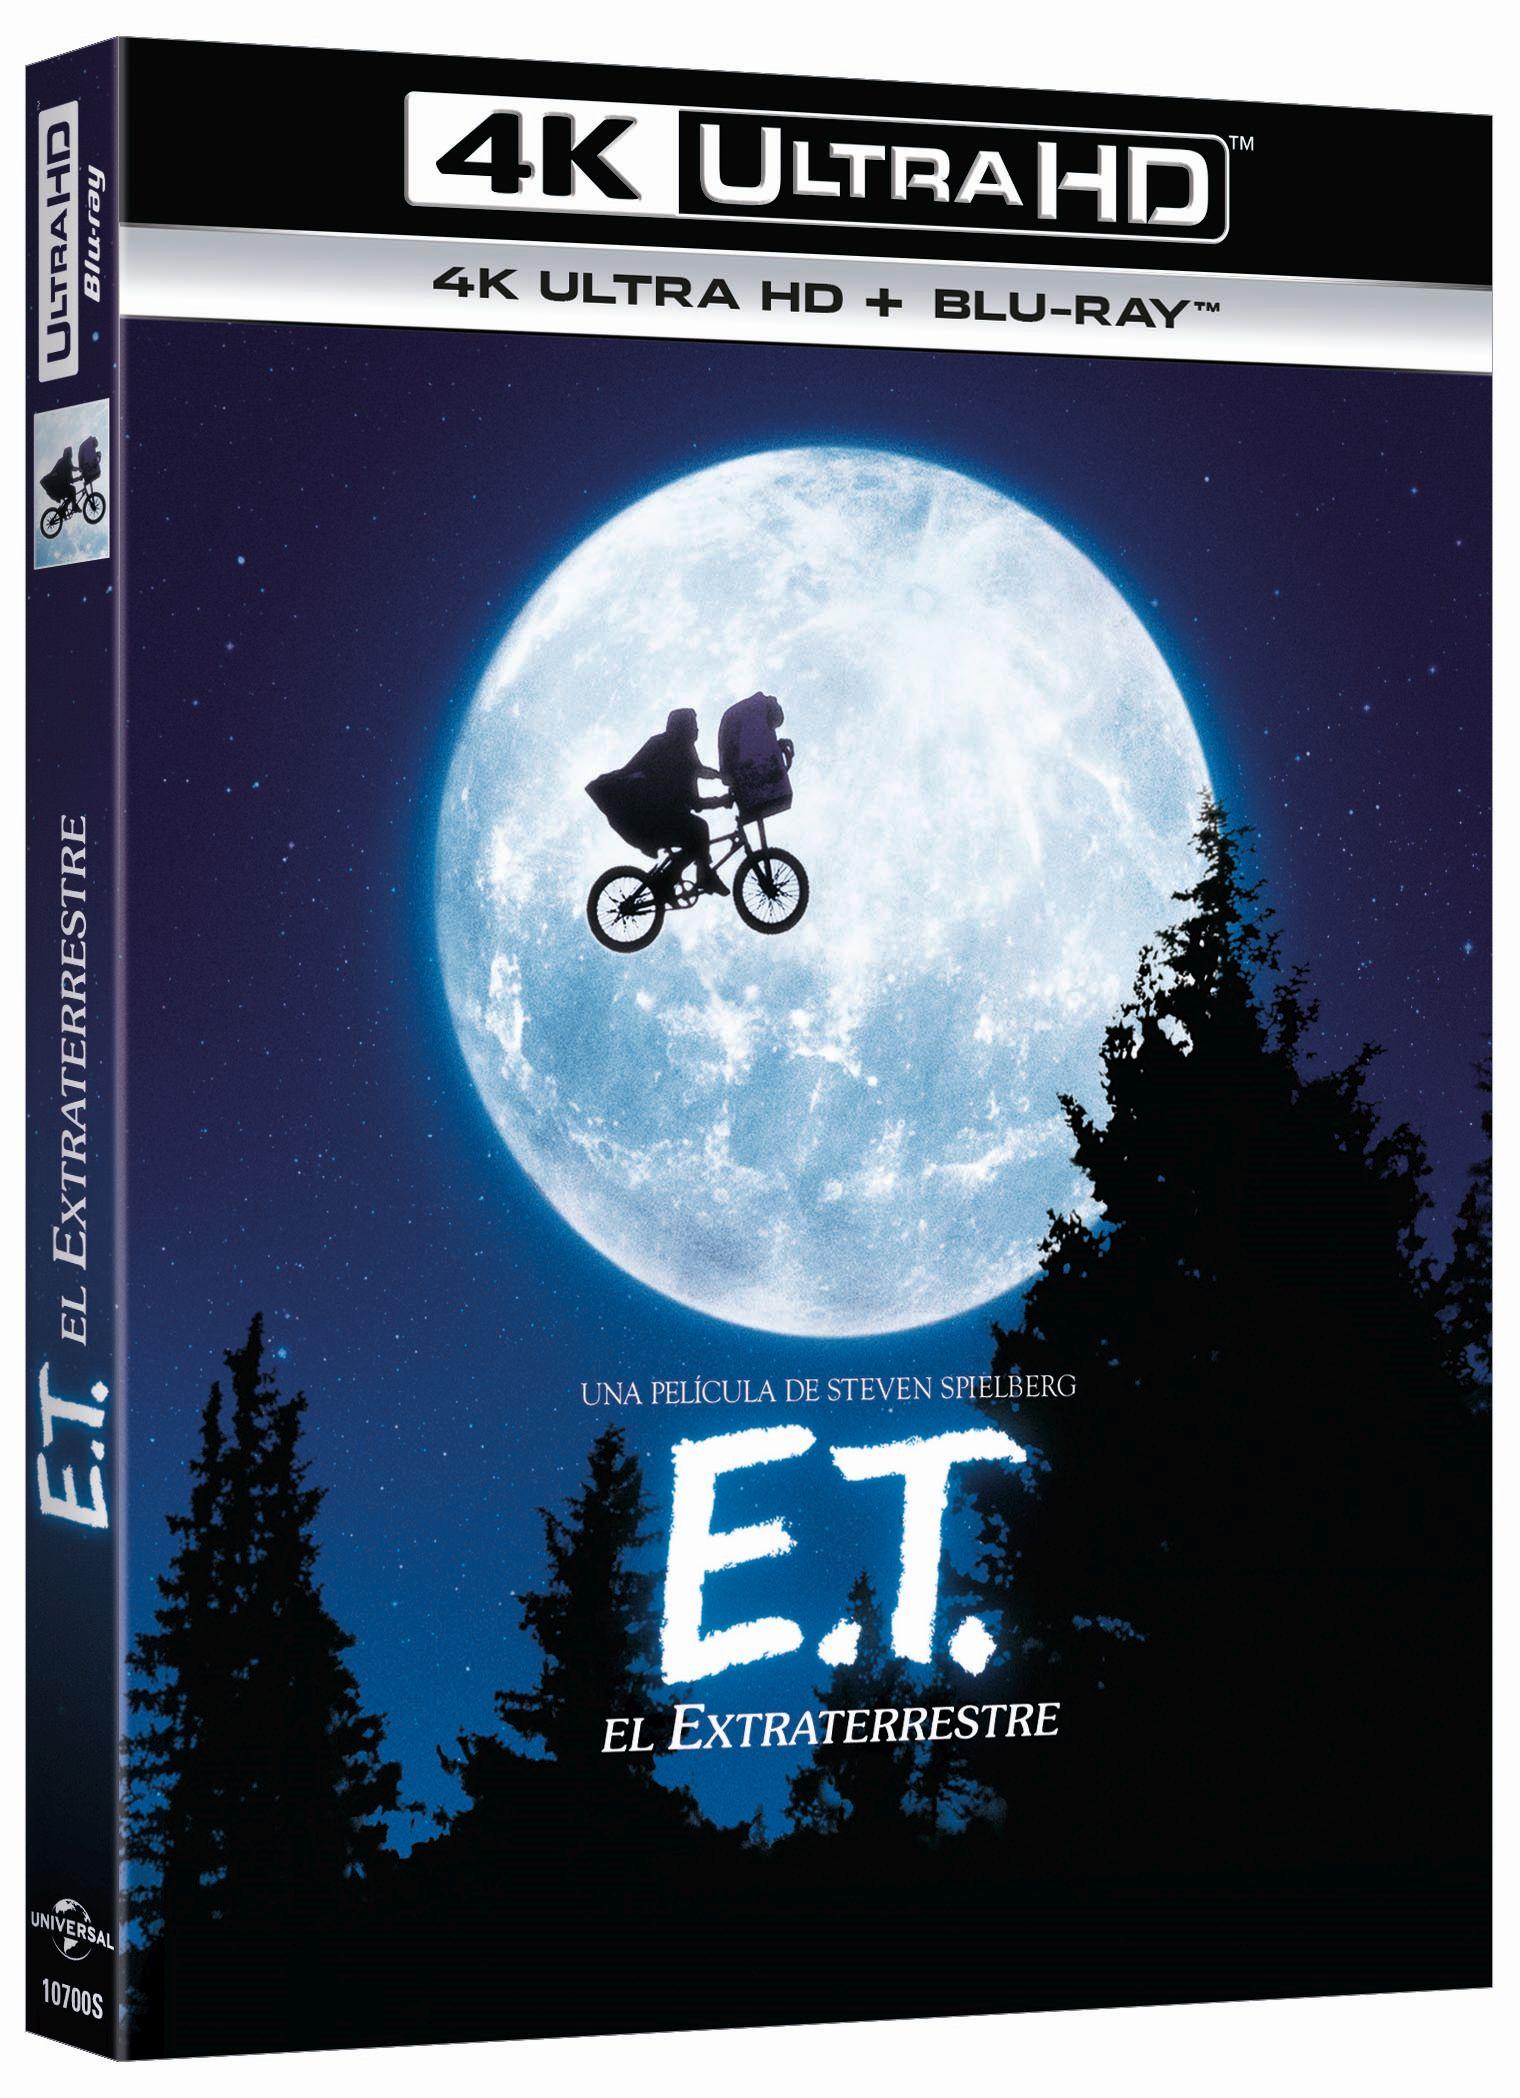 'E.T., el extraterrestre' en 4K Ultra HD el 4 de octubre. • En tu pantalla